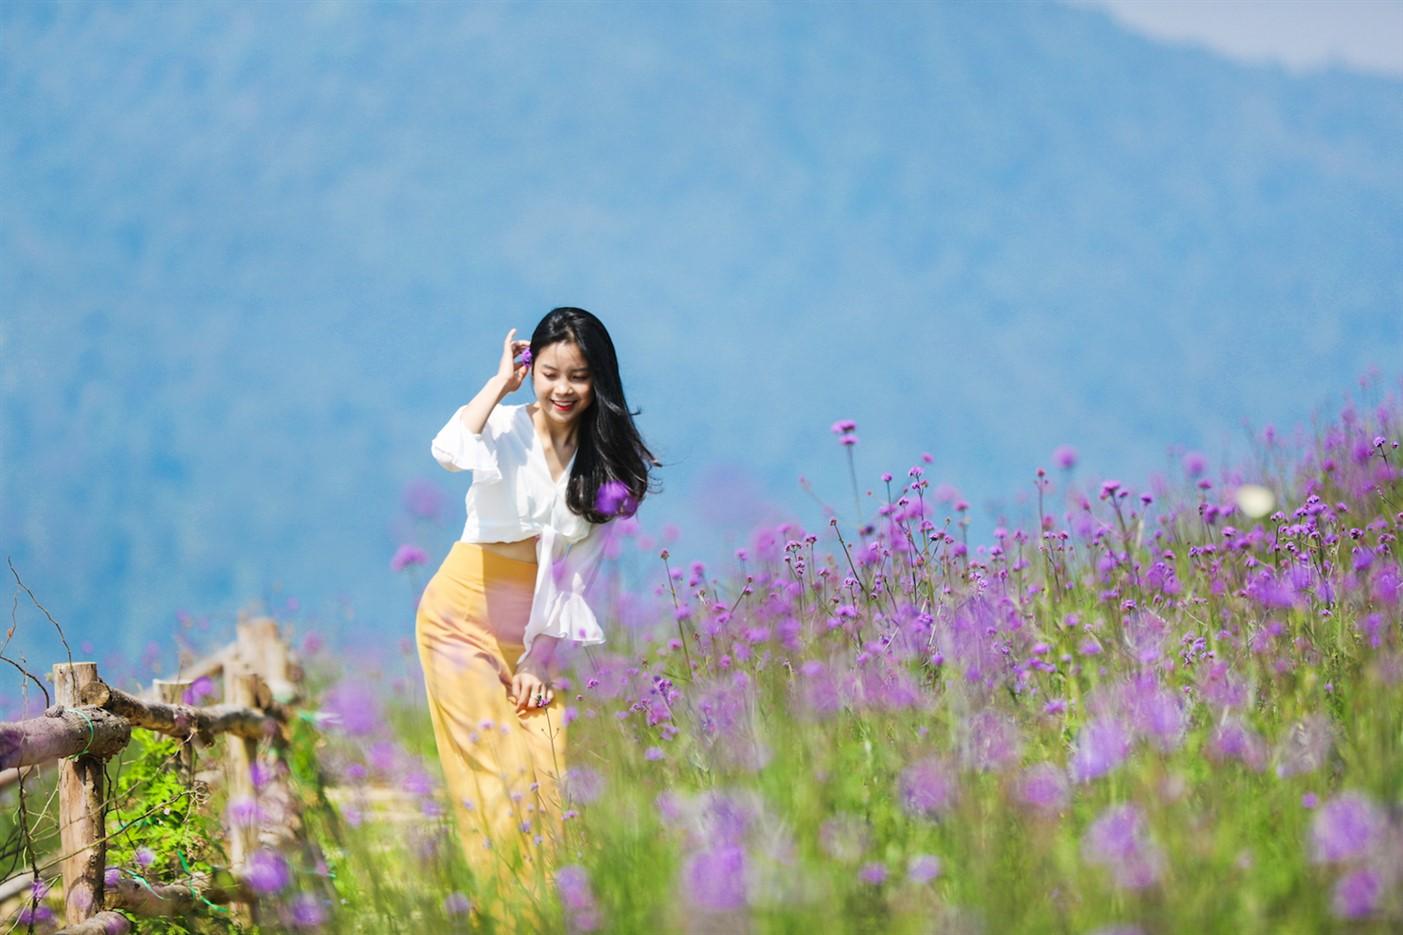 Loài hoa đẹp lạ trở thành điểm-phải-đến của đông đảo du khách khi tới Sa Pa và là điểm check-in lý tưởng của nhiều bạn trẻ